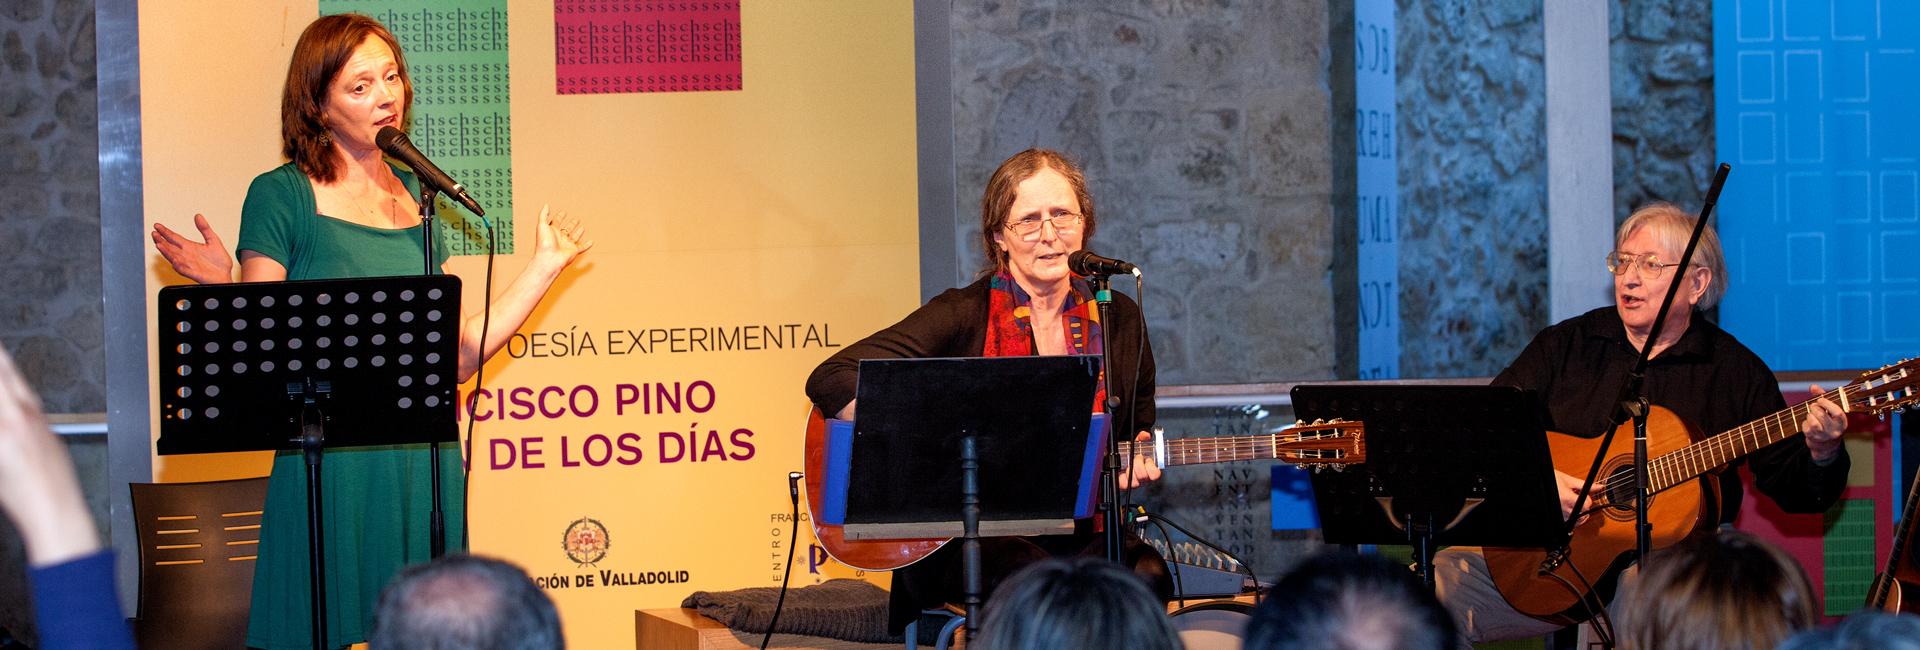 2 de junio 2020. Se retransmite en streaming en Facebook el recital de Lilofee del 2018 en Urueña (Valladolid, España)